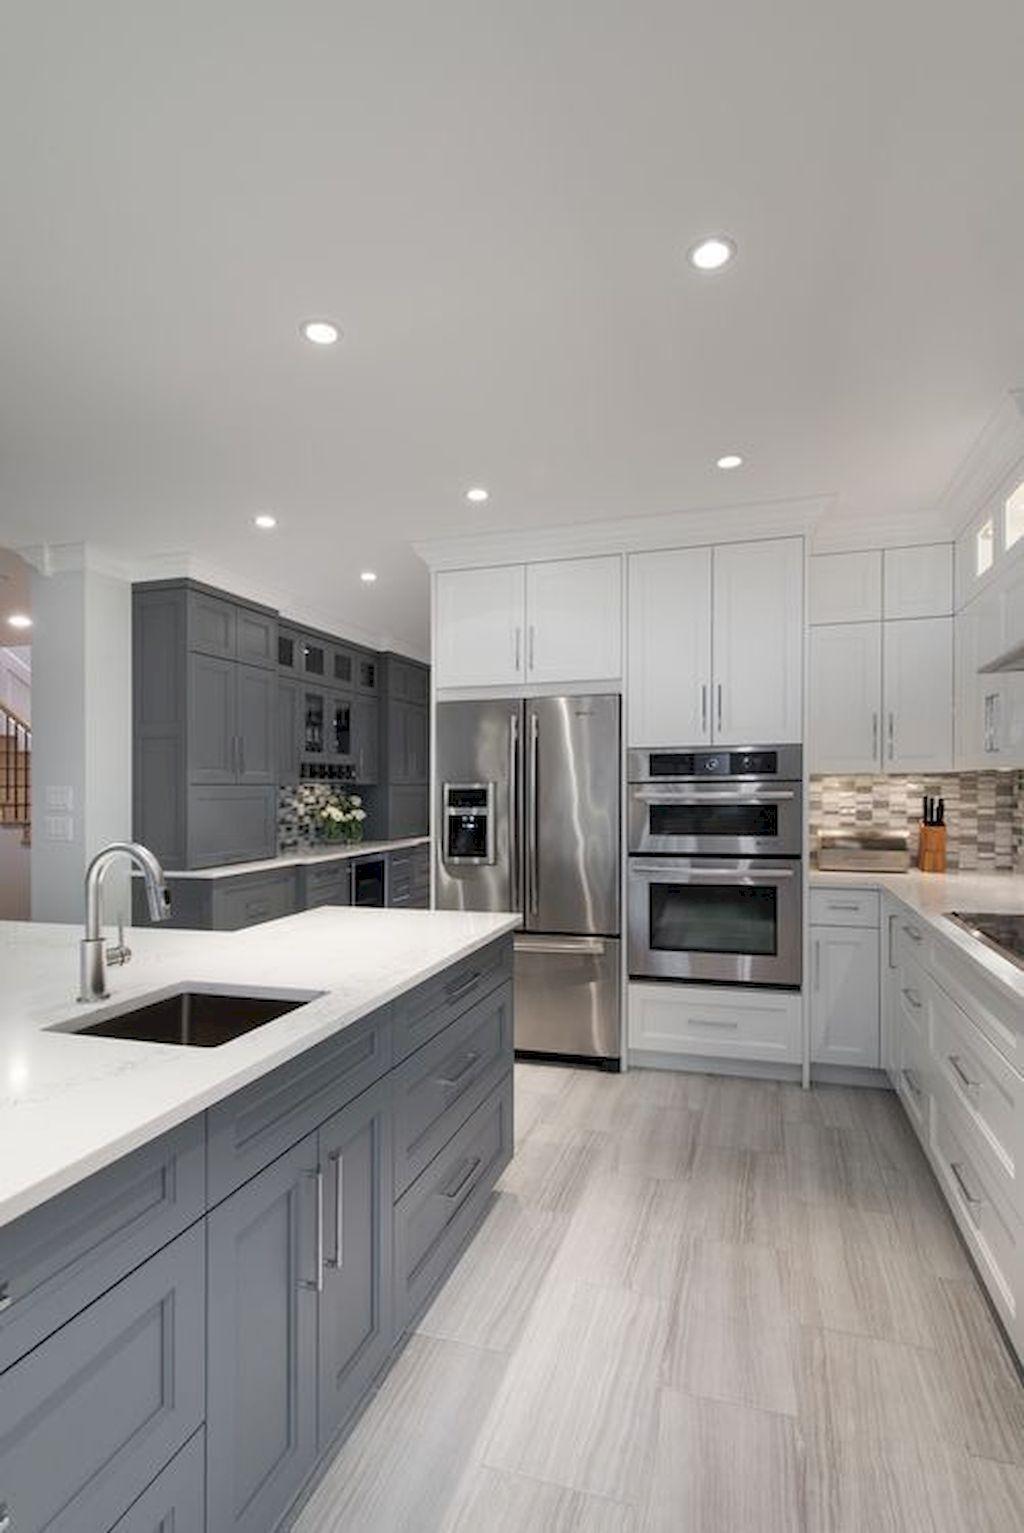 kitchenfurnituredesignideas   Grey kitchen floor, White kitchen ...